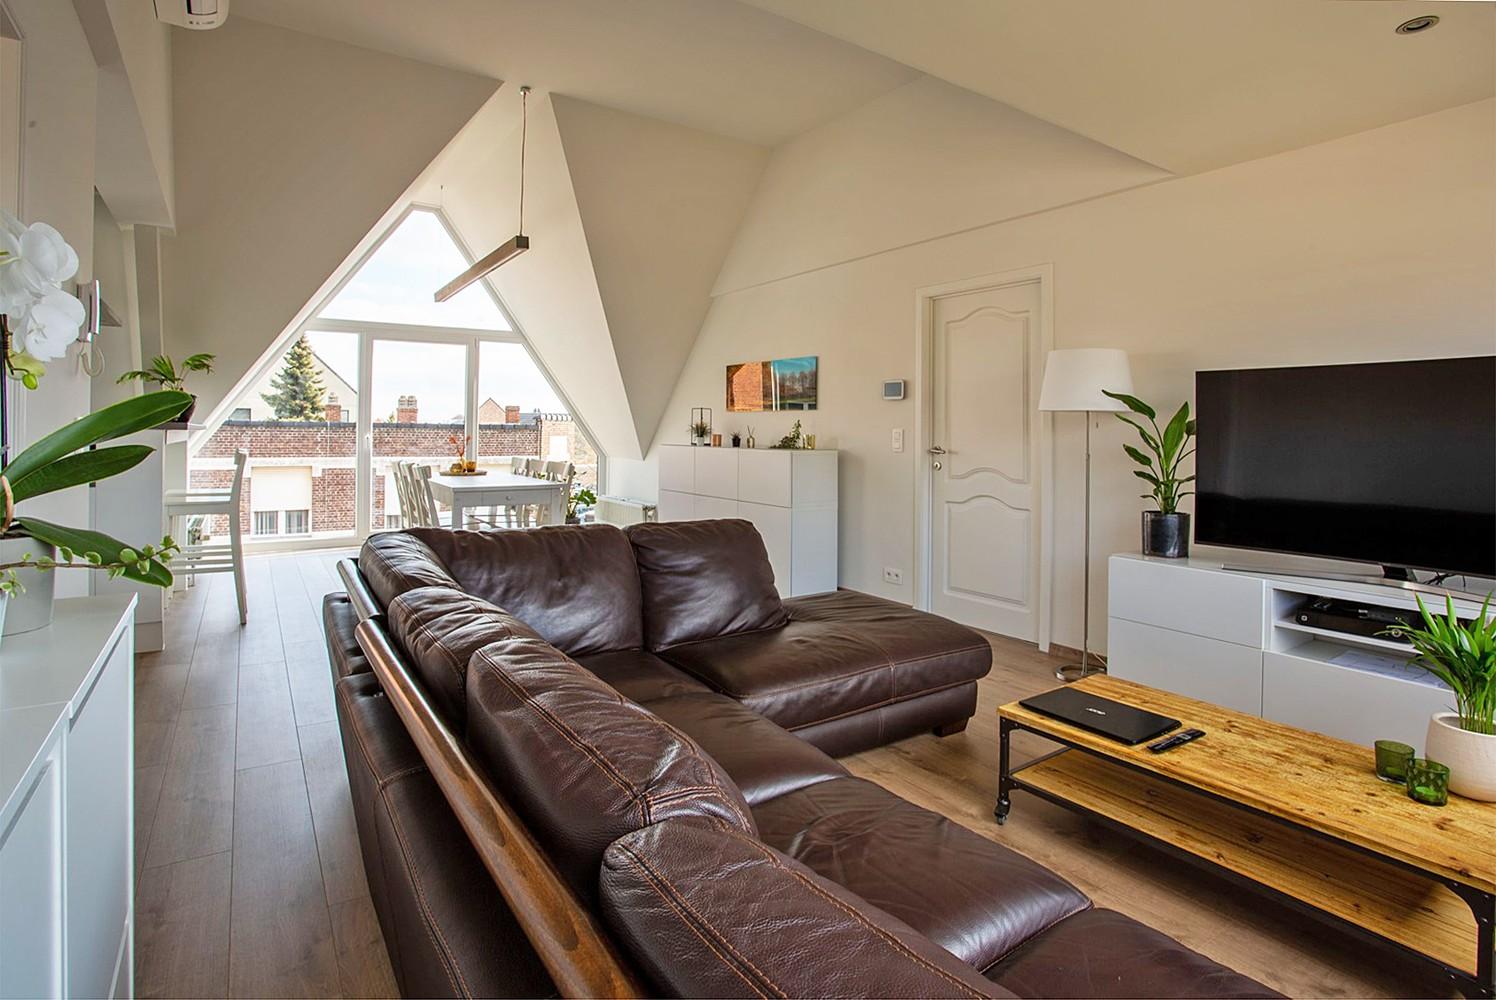 Verrassend ruim, lichtrijk appartement met 3 slaapkamers in hartje Broechem! afbeelding 4